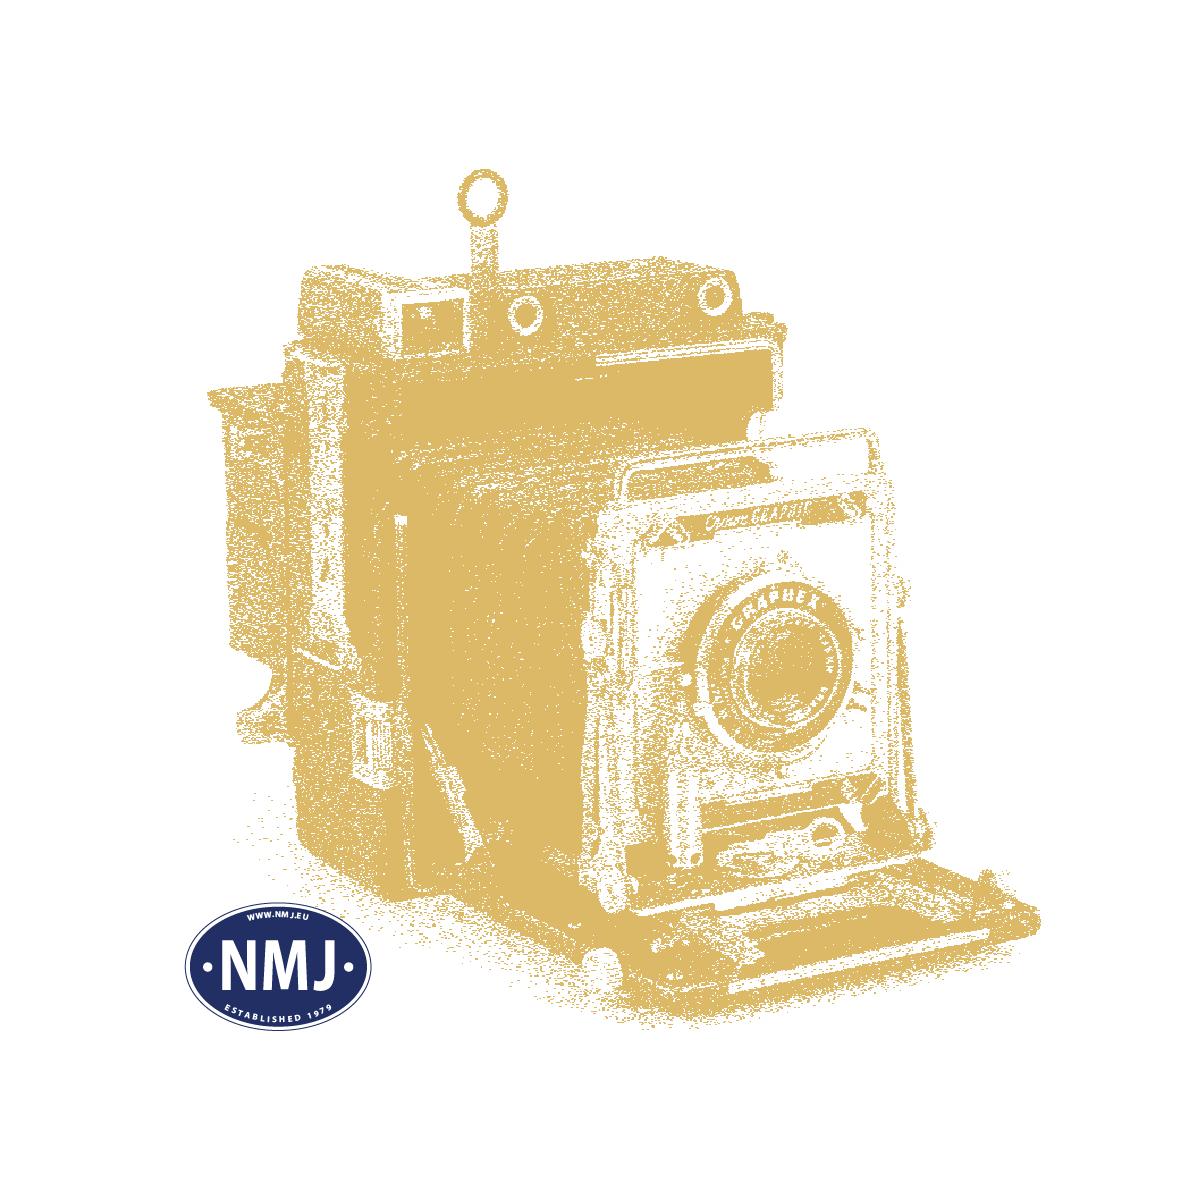 NMJSHf35548 - NMJ Superline NSB Kjølevogn Hf3 5548